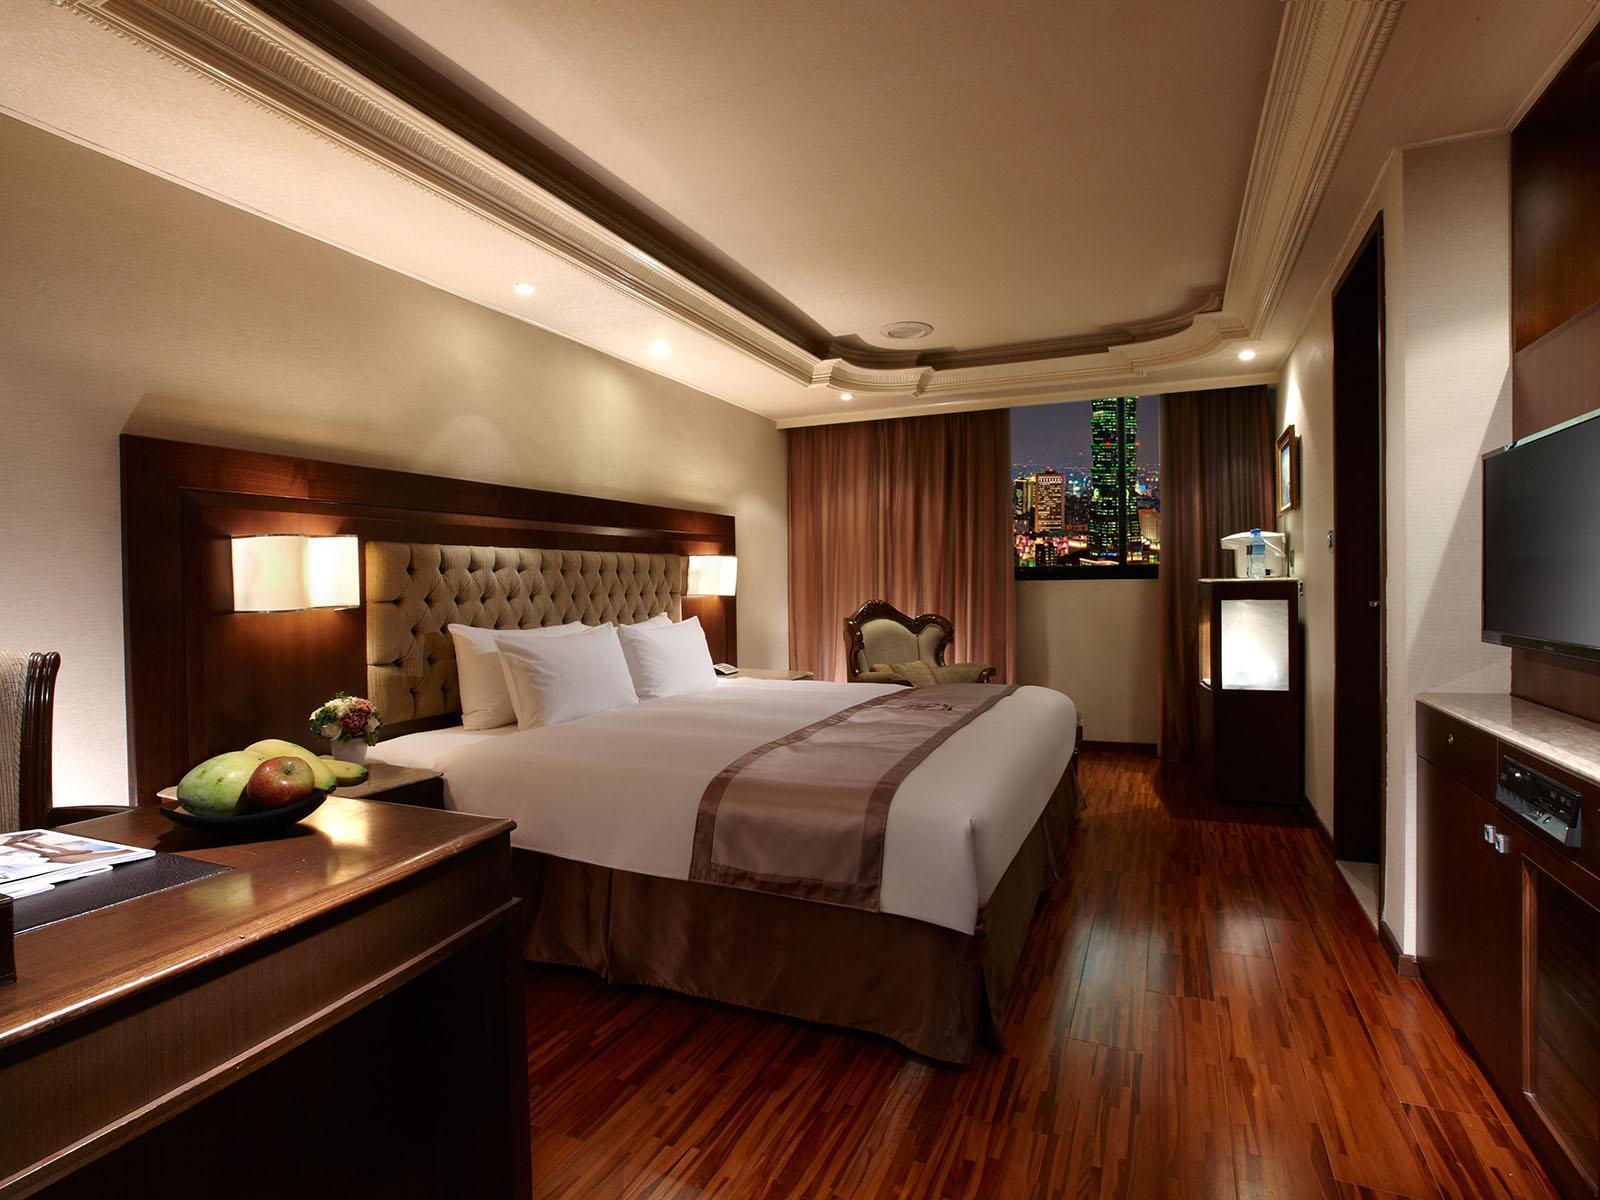 臺北最搶手之一的酒店臺北香城大飯店 - YOLO Travelers